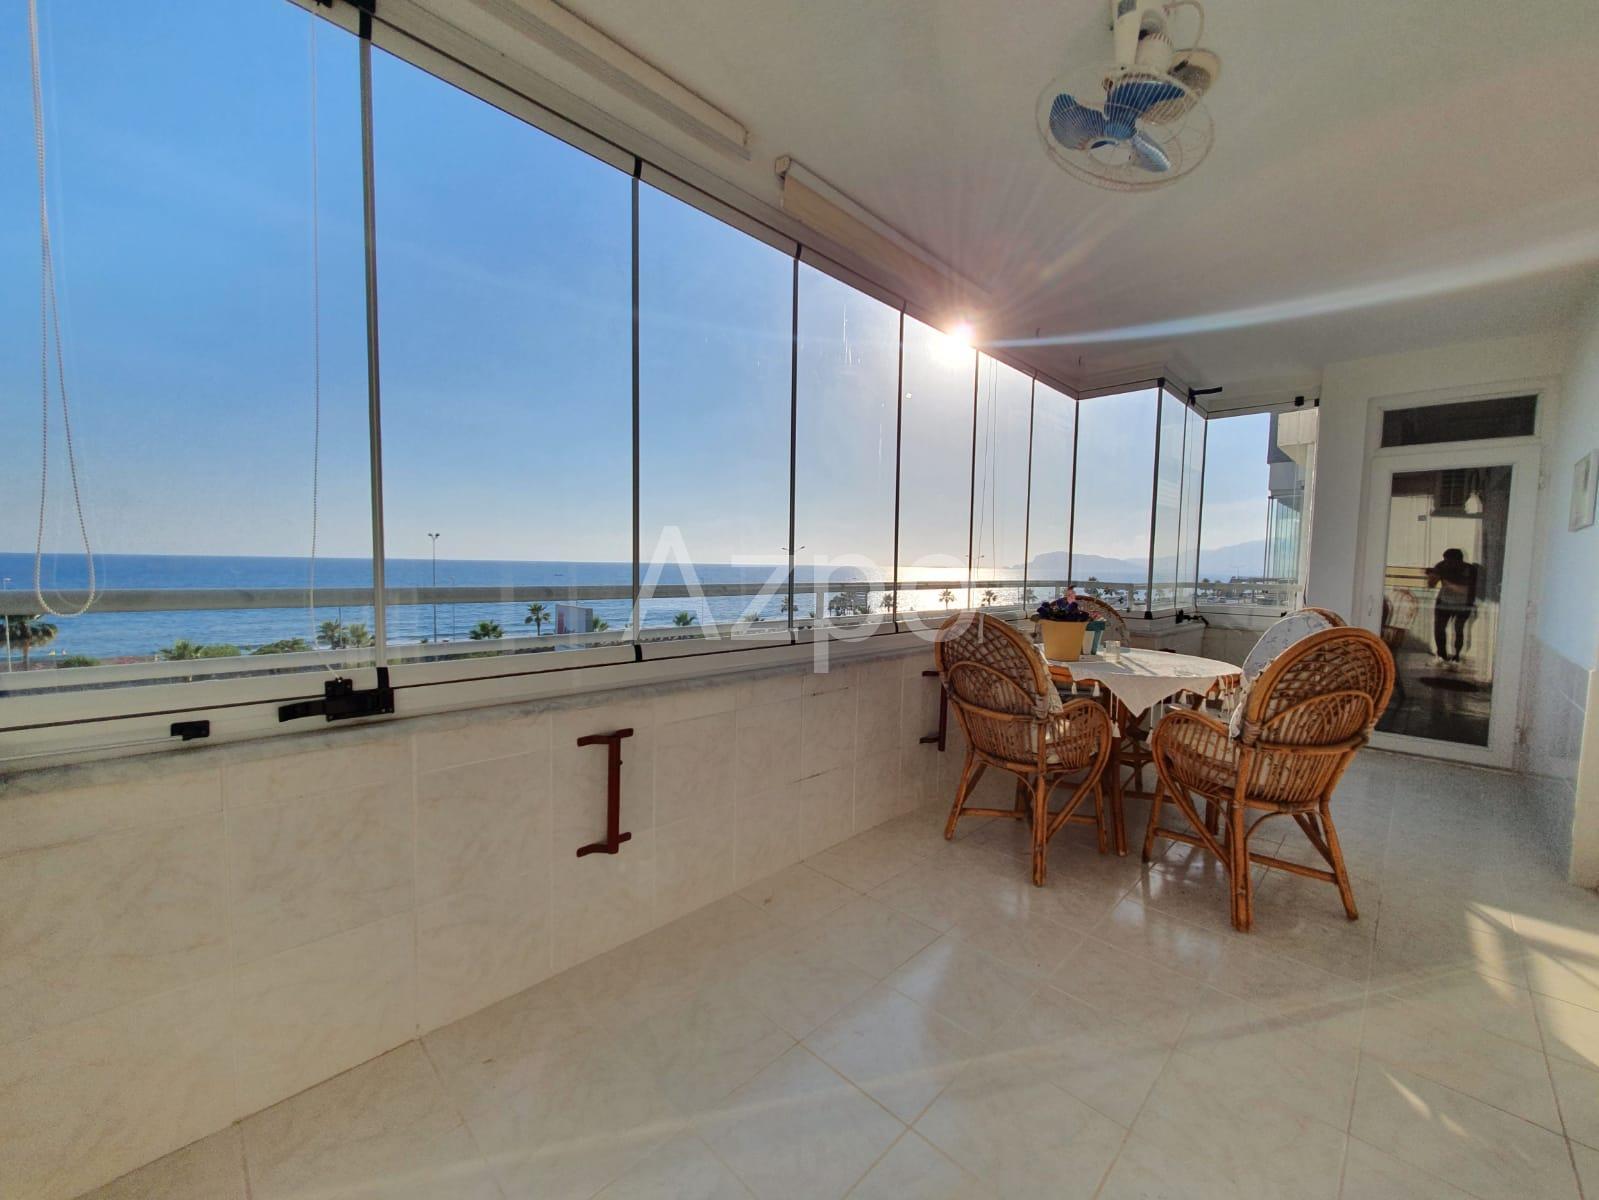 Квартира планировки 2+1 с видом на море - Фото 9